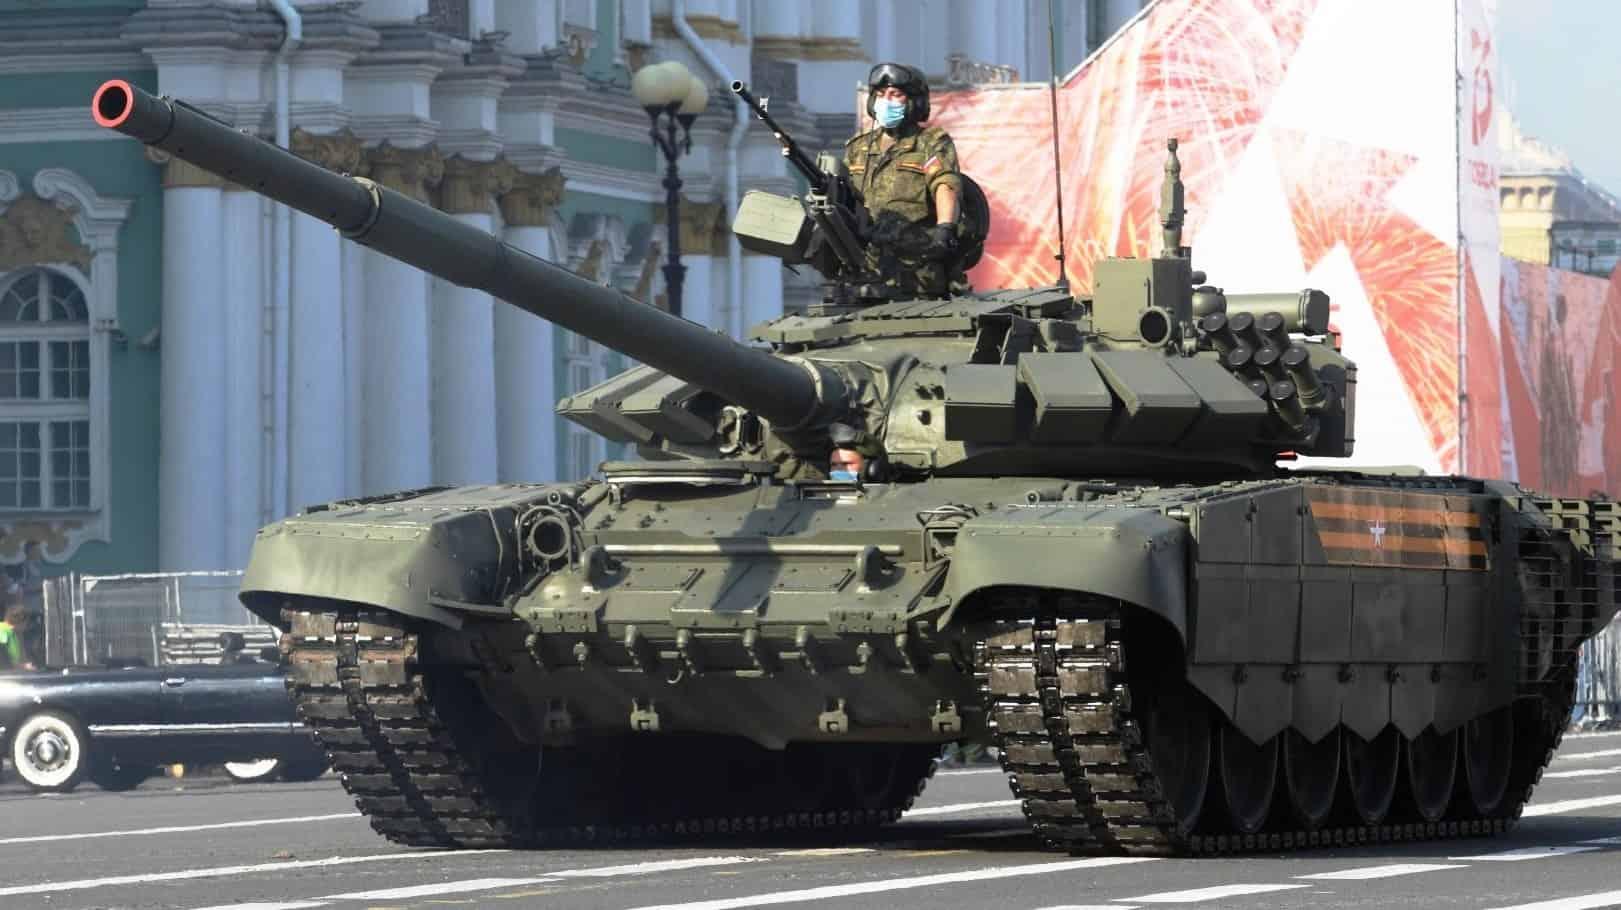 Танк Т-72Б3 (червень 2020). Фото: ЗМІ РФ